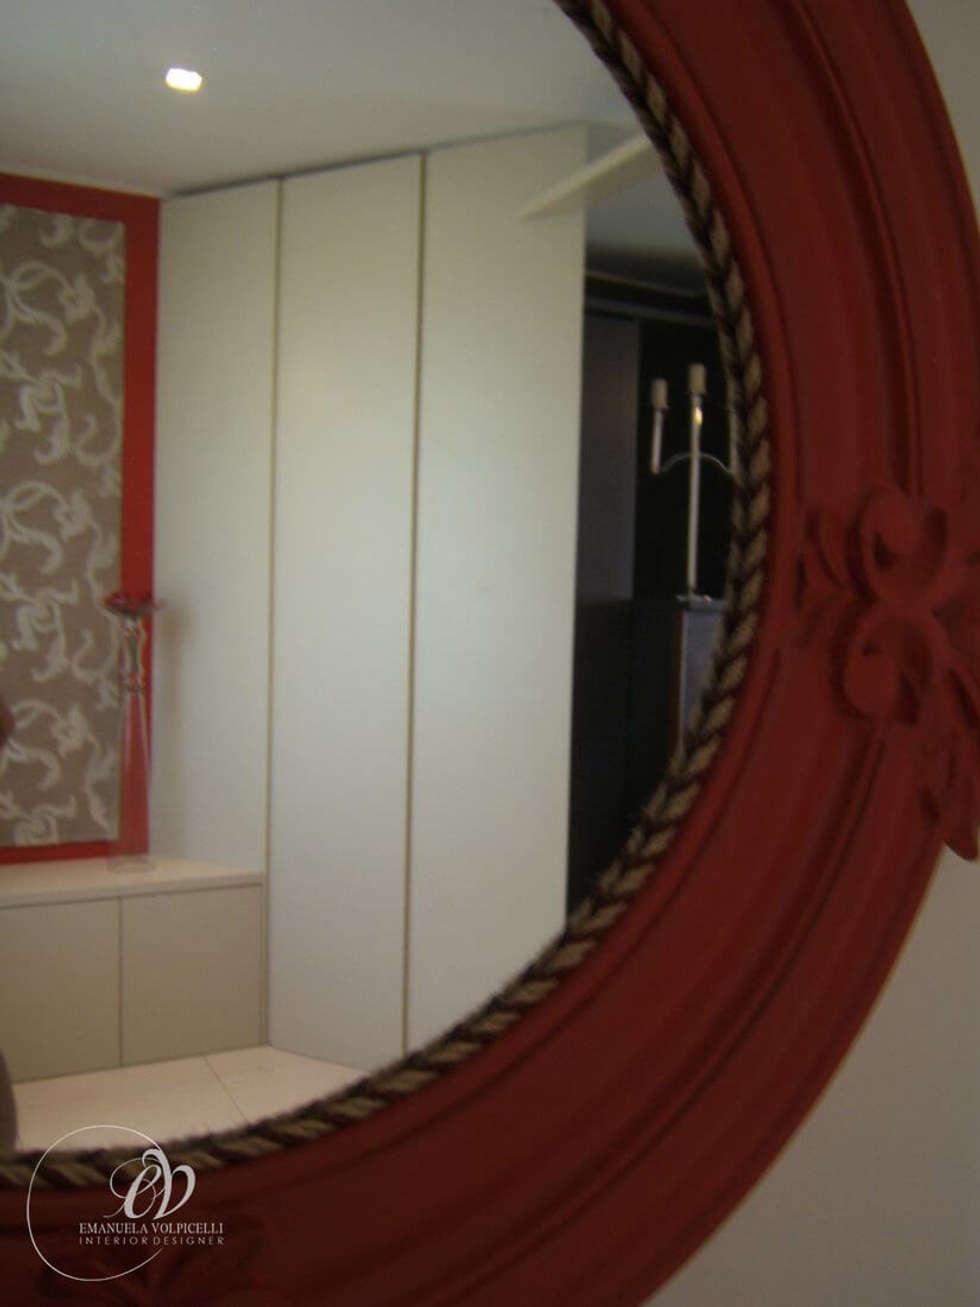 ELEGANTE LINEARITA': Ingresso & Corridoio in stile  di Emanuela Volpicelli Interior Designer